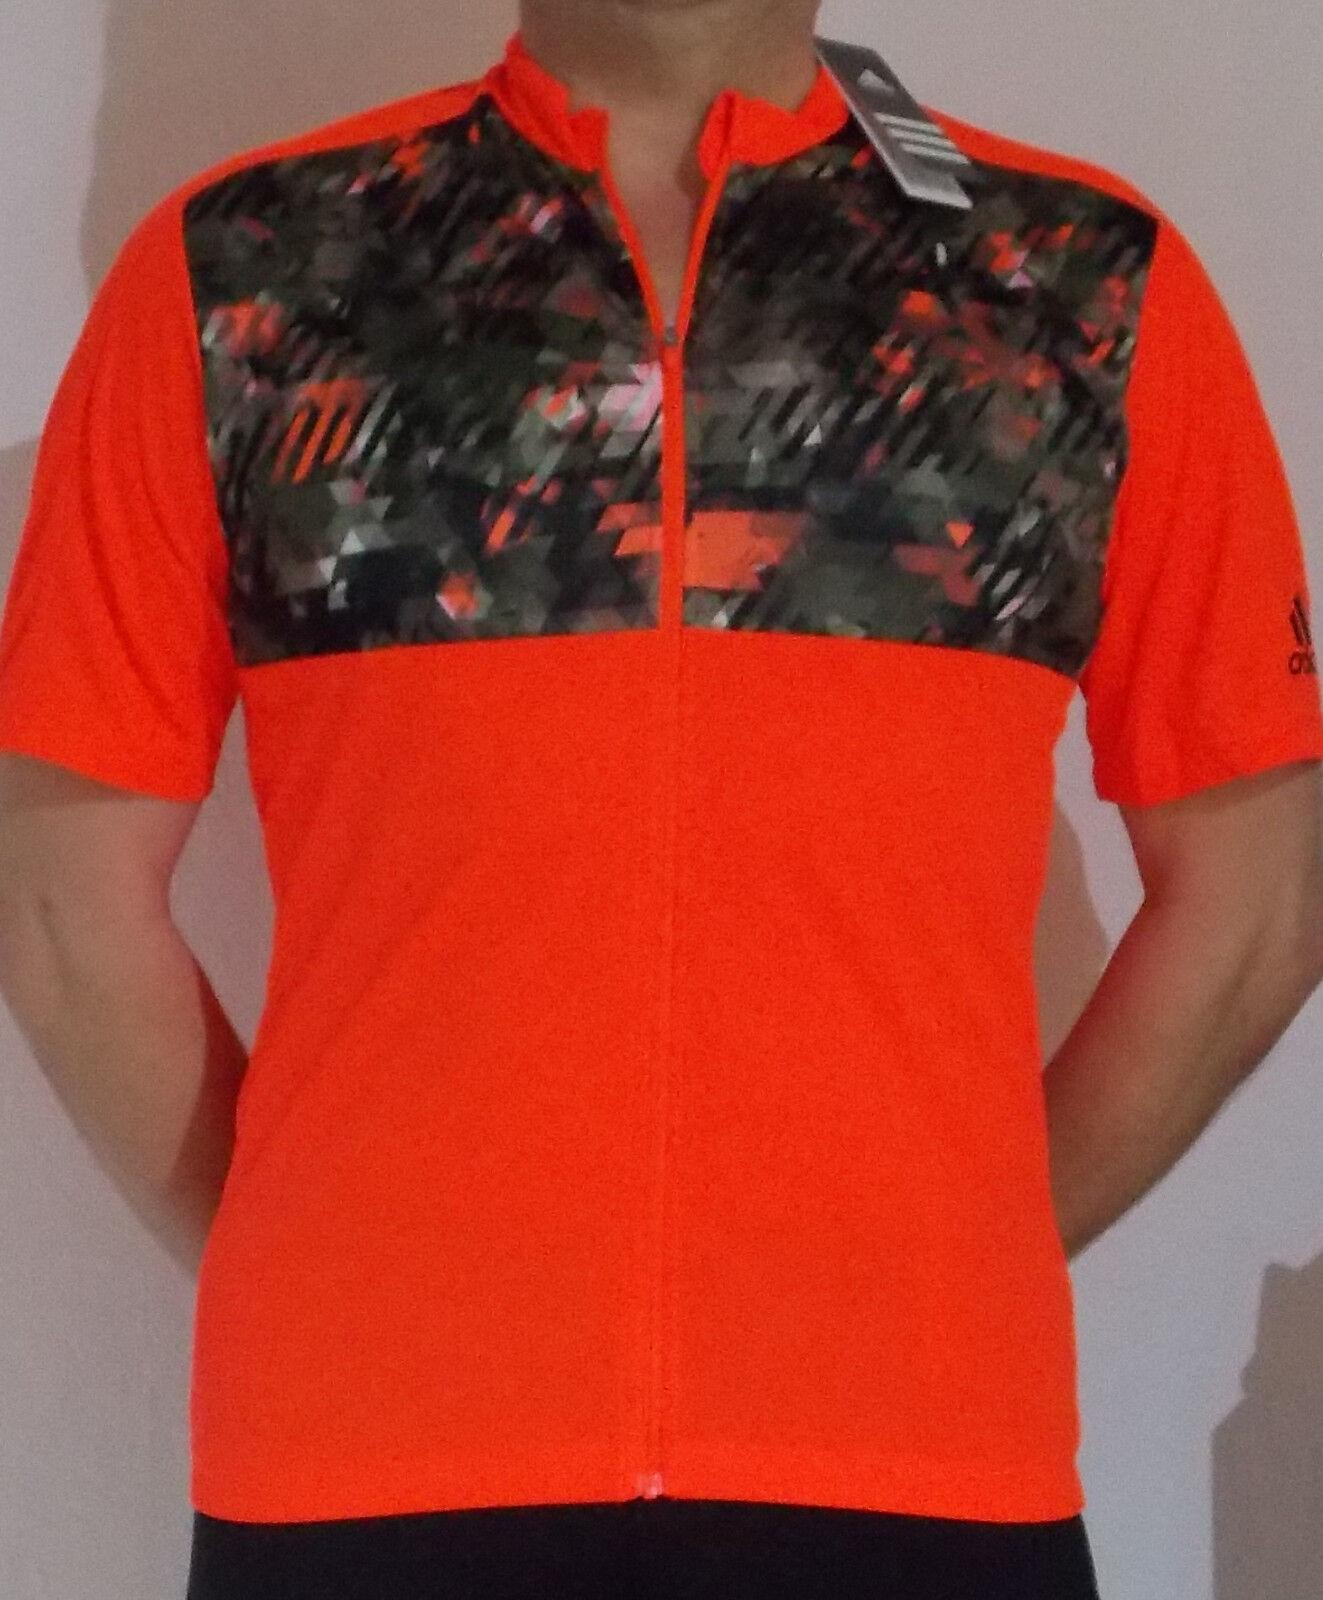 Adidas Radlertrikot Herrengröße M in Orange 37.5 Technology  TRAILRACESSJSYM